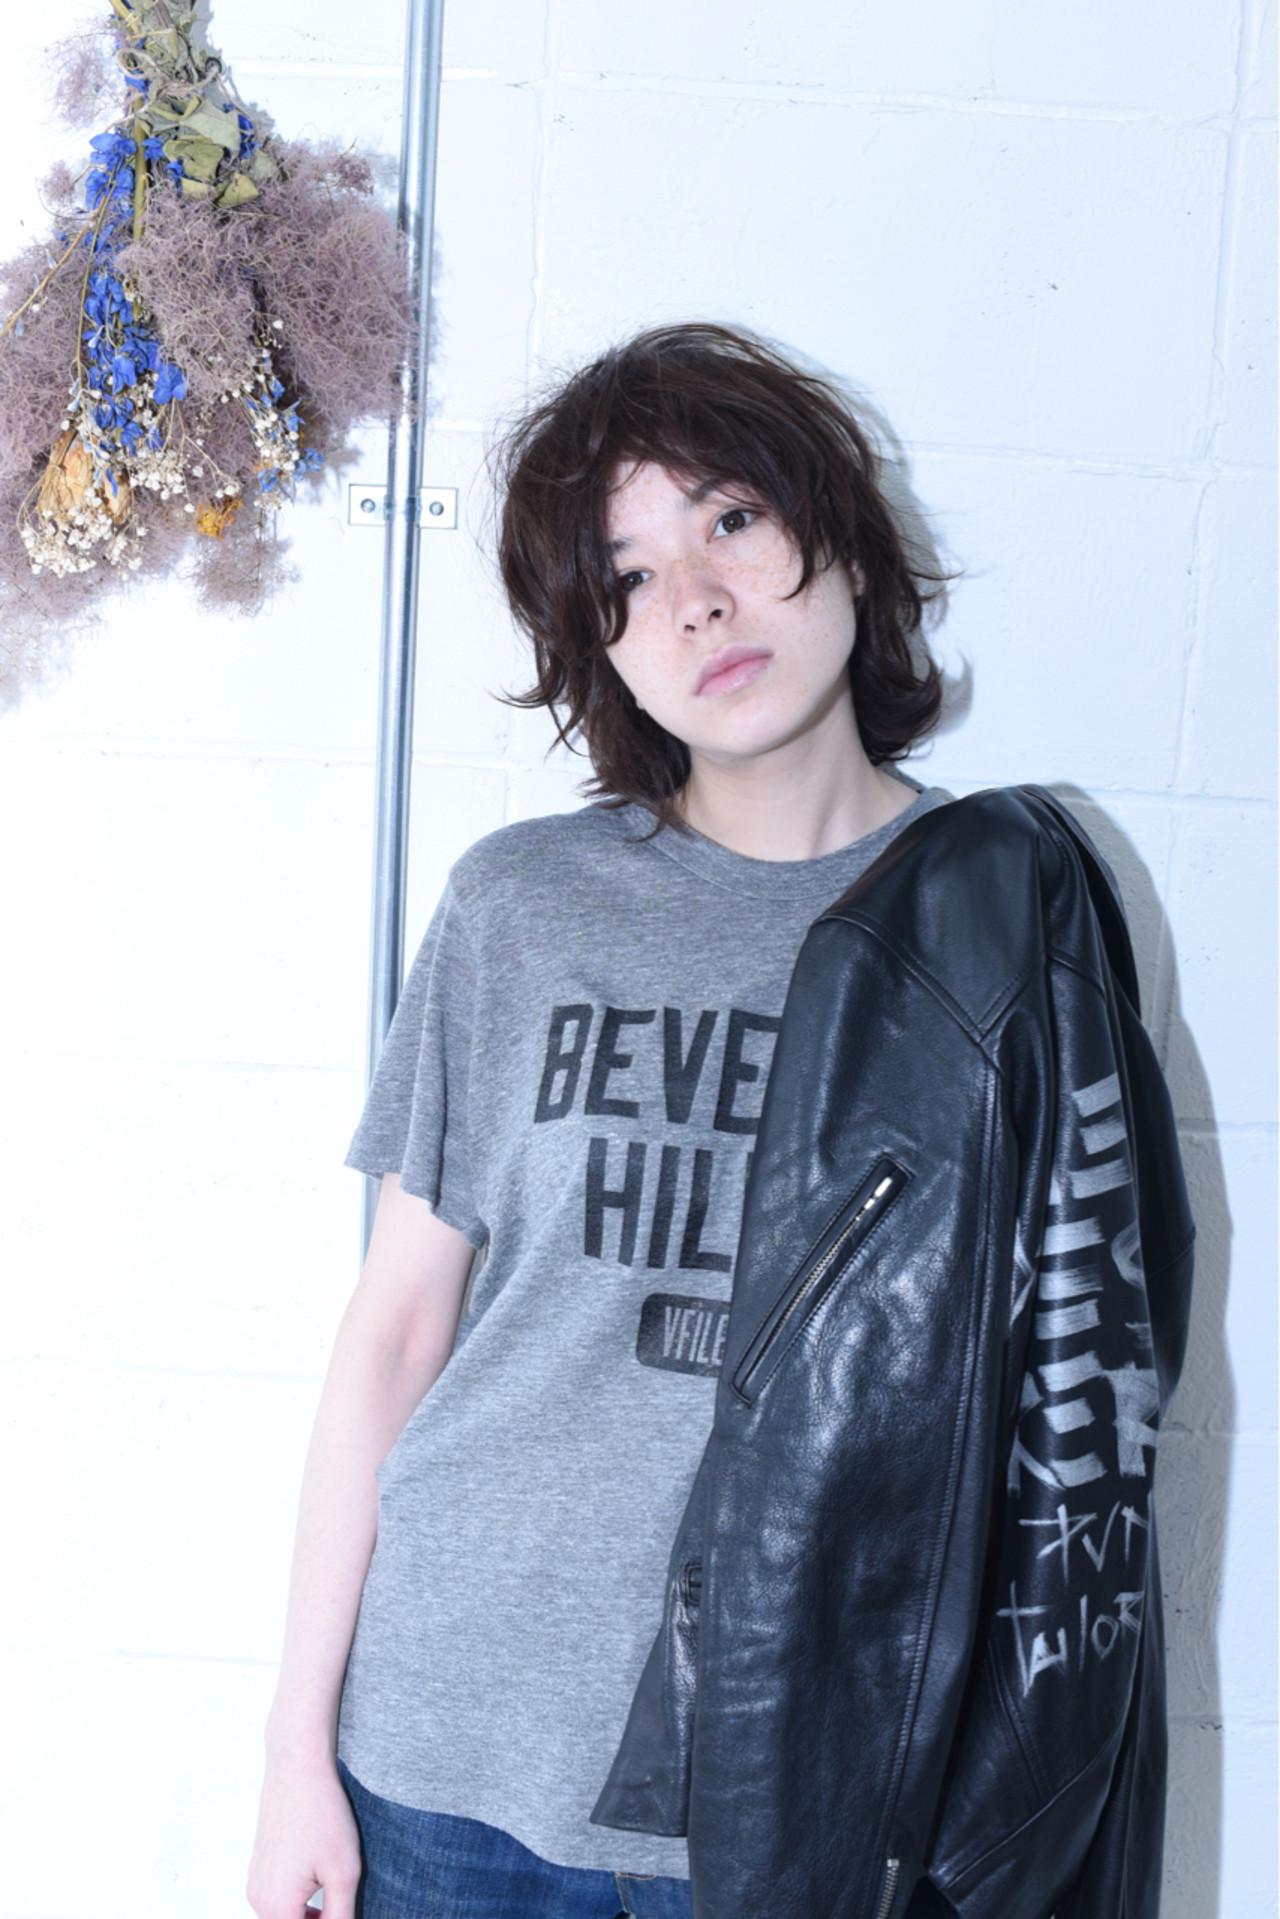 重さと軽さを操るべし。クールでかっこい「ネオロックガール」になりたい・・・! ショウジヤスヒサ / nancy Tokyo